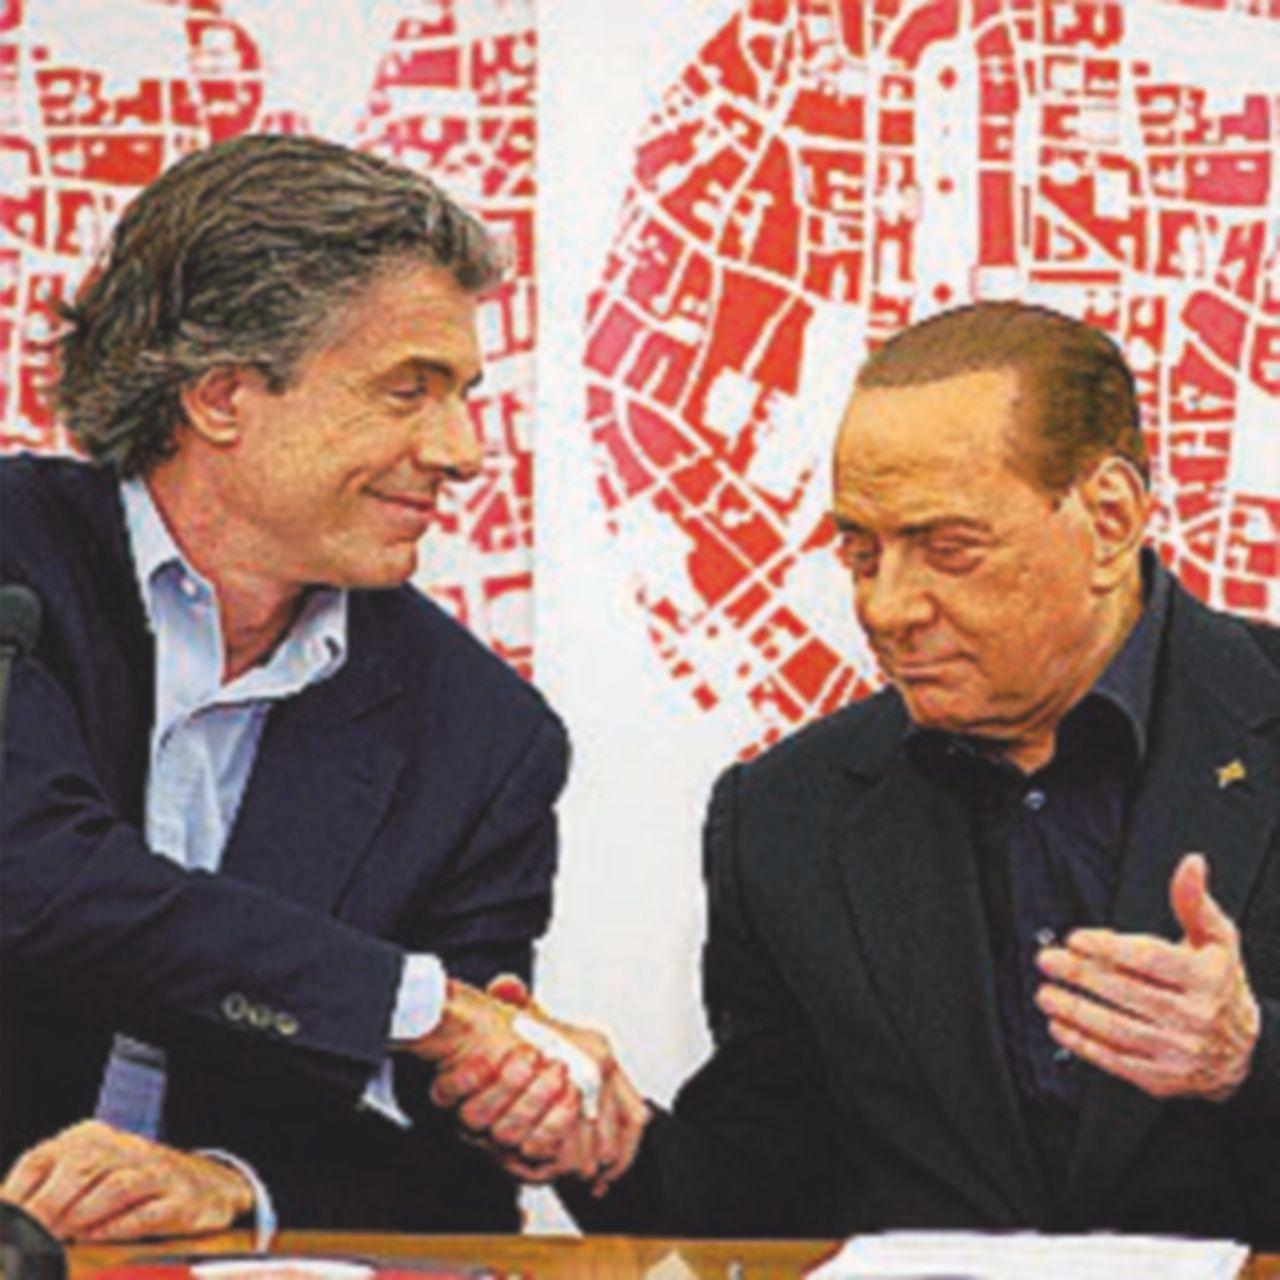 Marchini e B. fanno  squadra Meloni litiga su Almirante